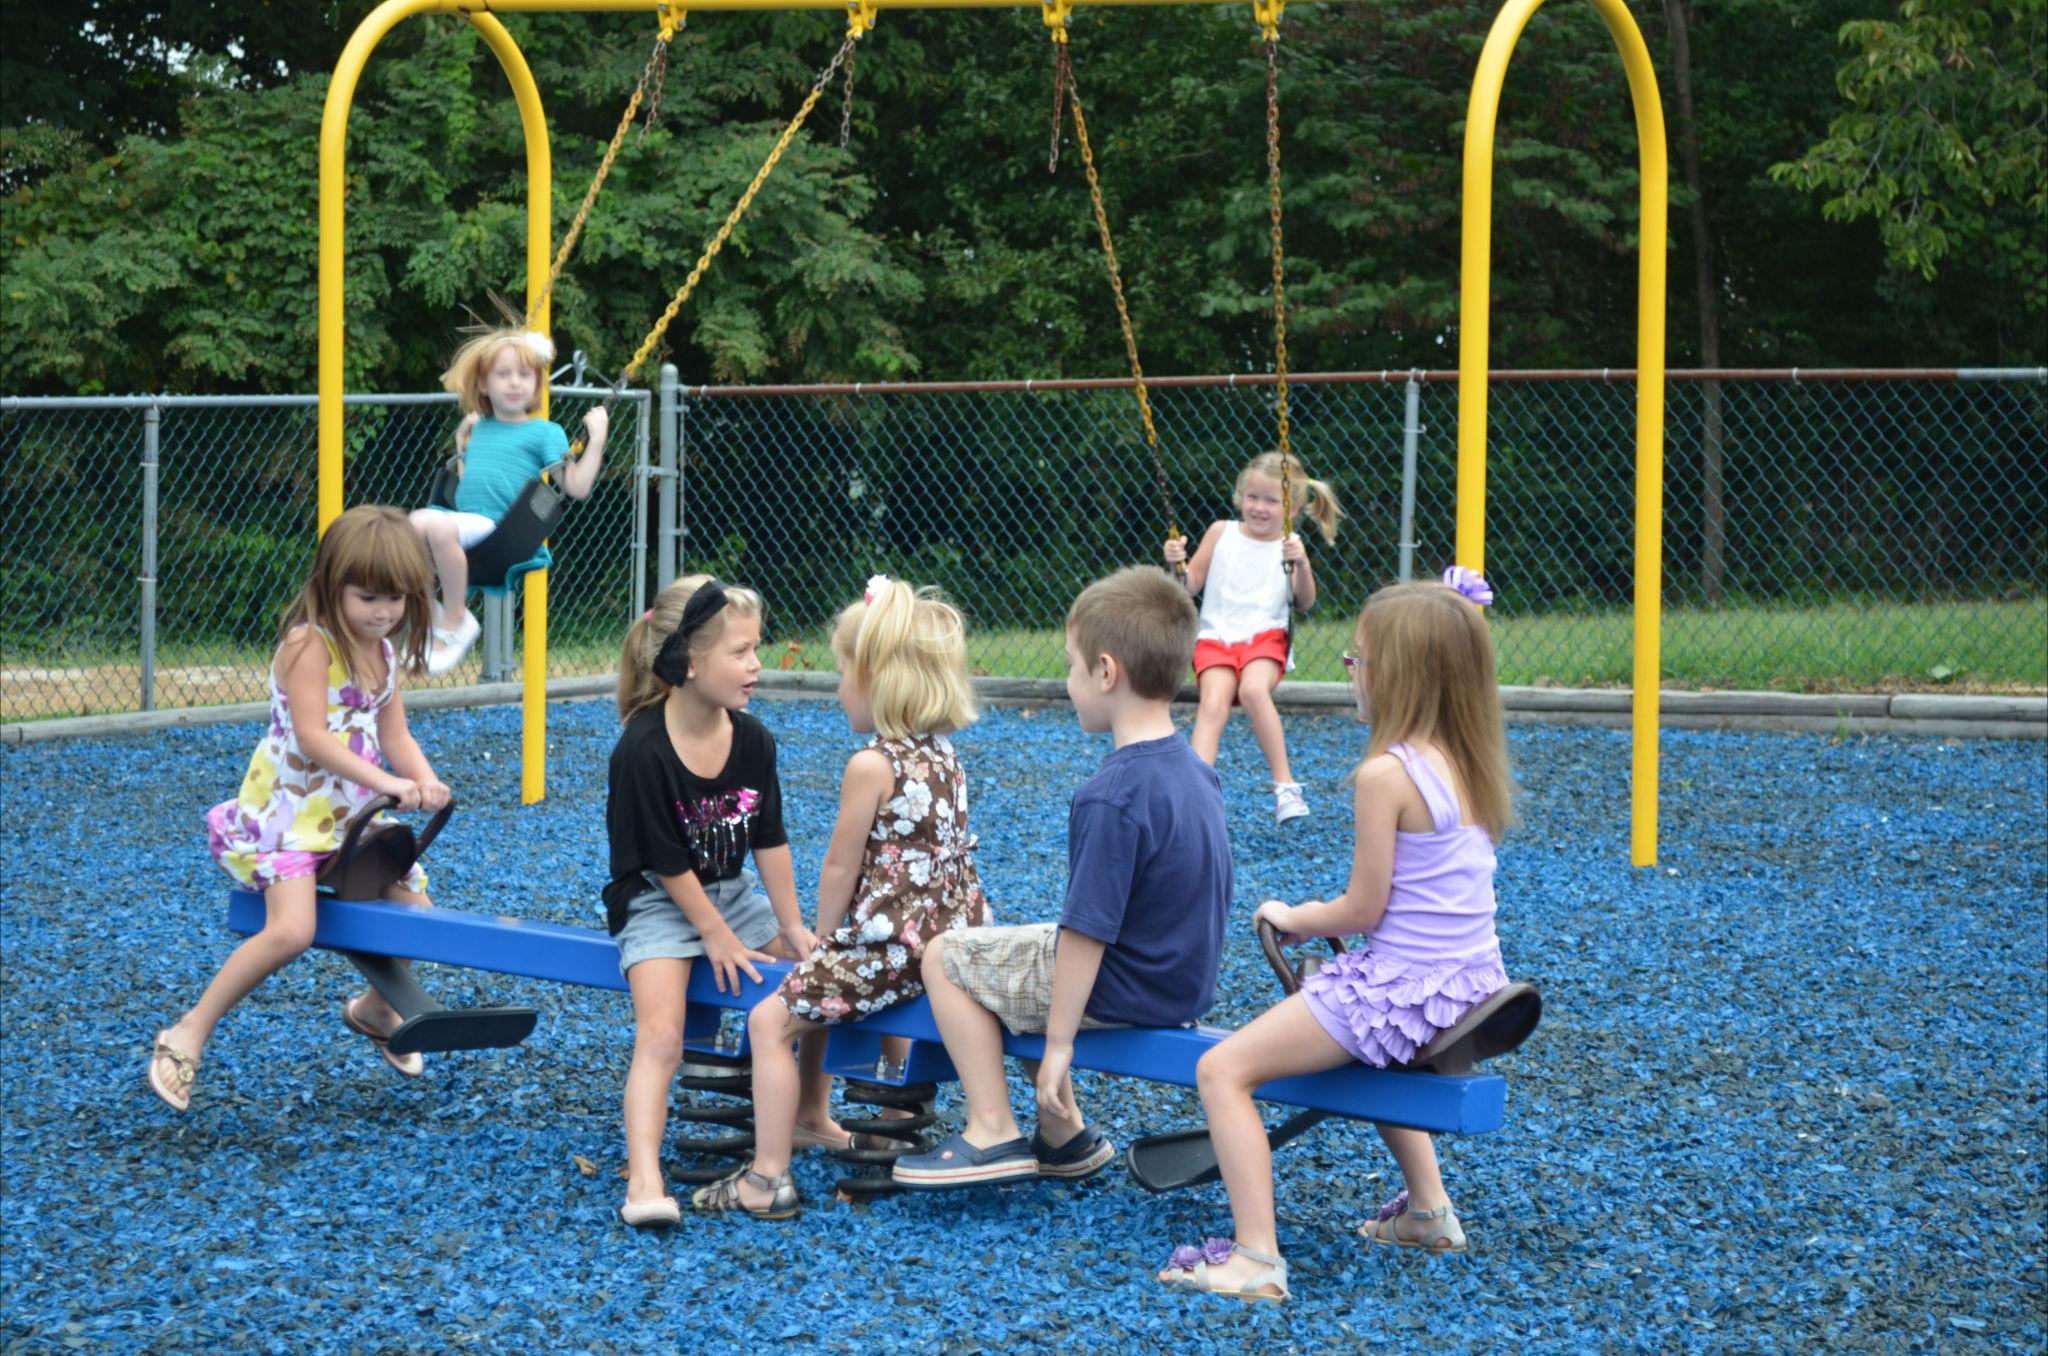 2012-09-07 09.50.07 - playground 1